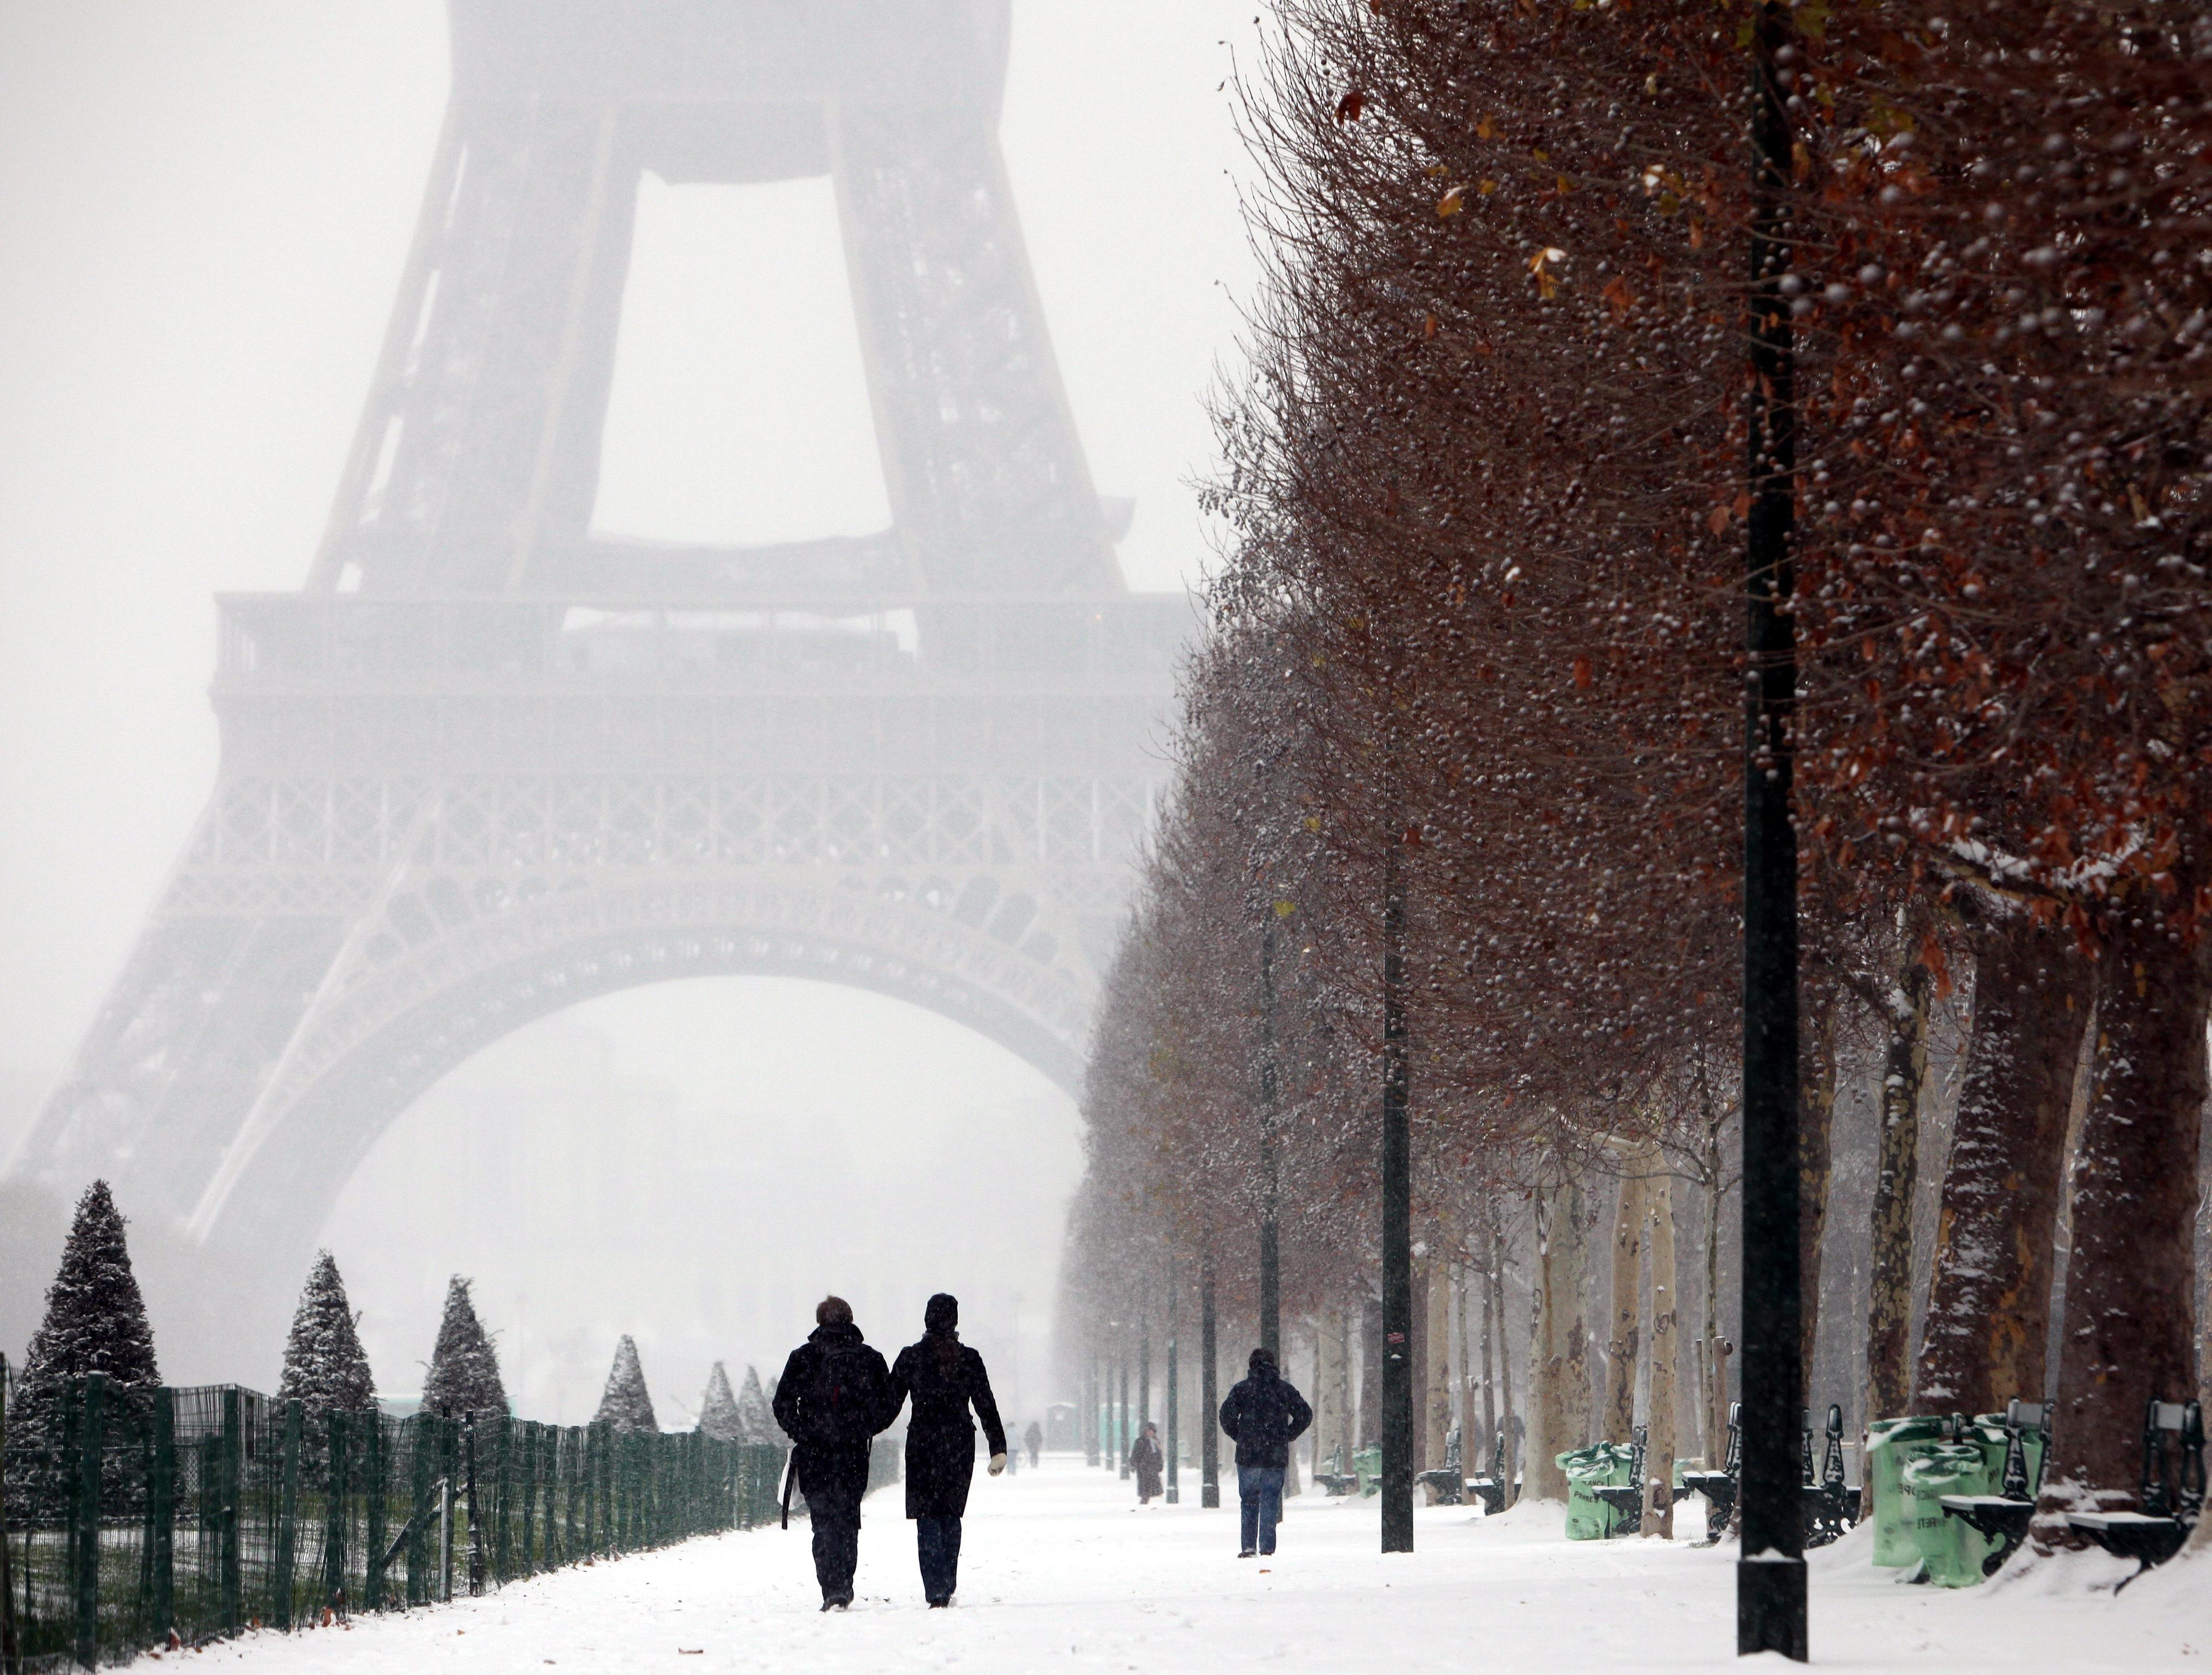 Fond D Ecran Neige Hiver La Glace Gel De Paris Avec Amour Meteo Saison Blizzard Phenomene Atmospherique Tempete Hivernale 4096x3102 Mbourrig 223338 Fond D Ecran Wallhere